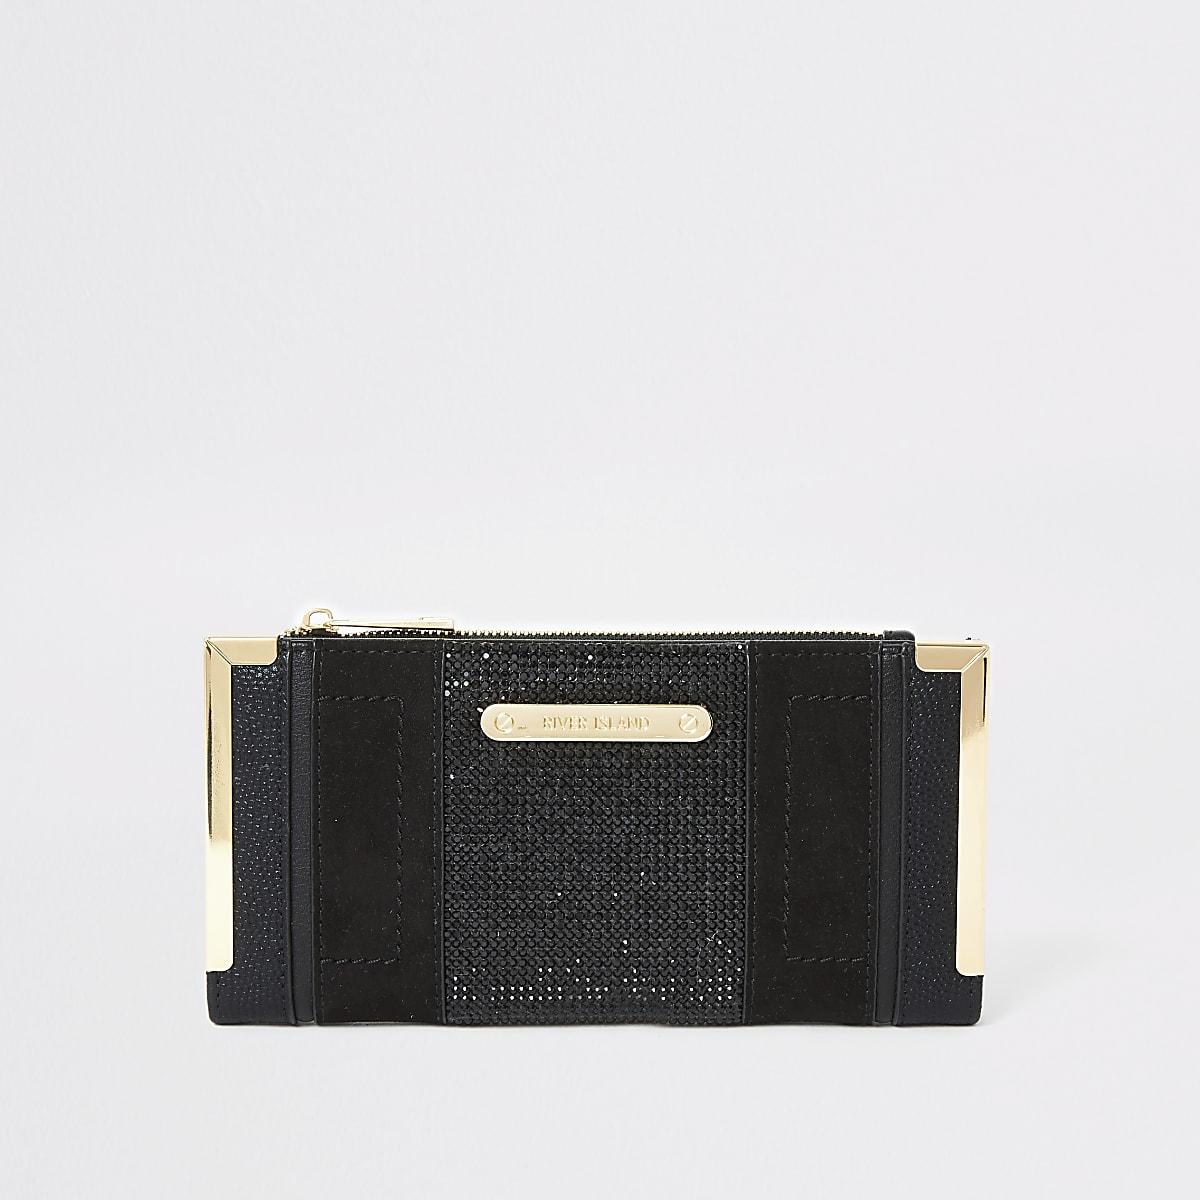 Zwarte verfraaide uitvouwbare portemonnee met siersteentjes